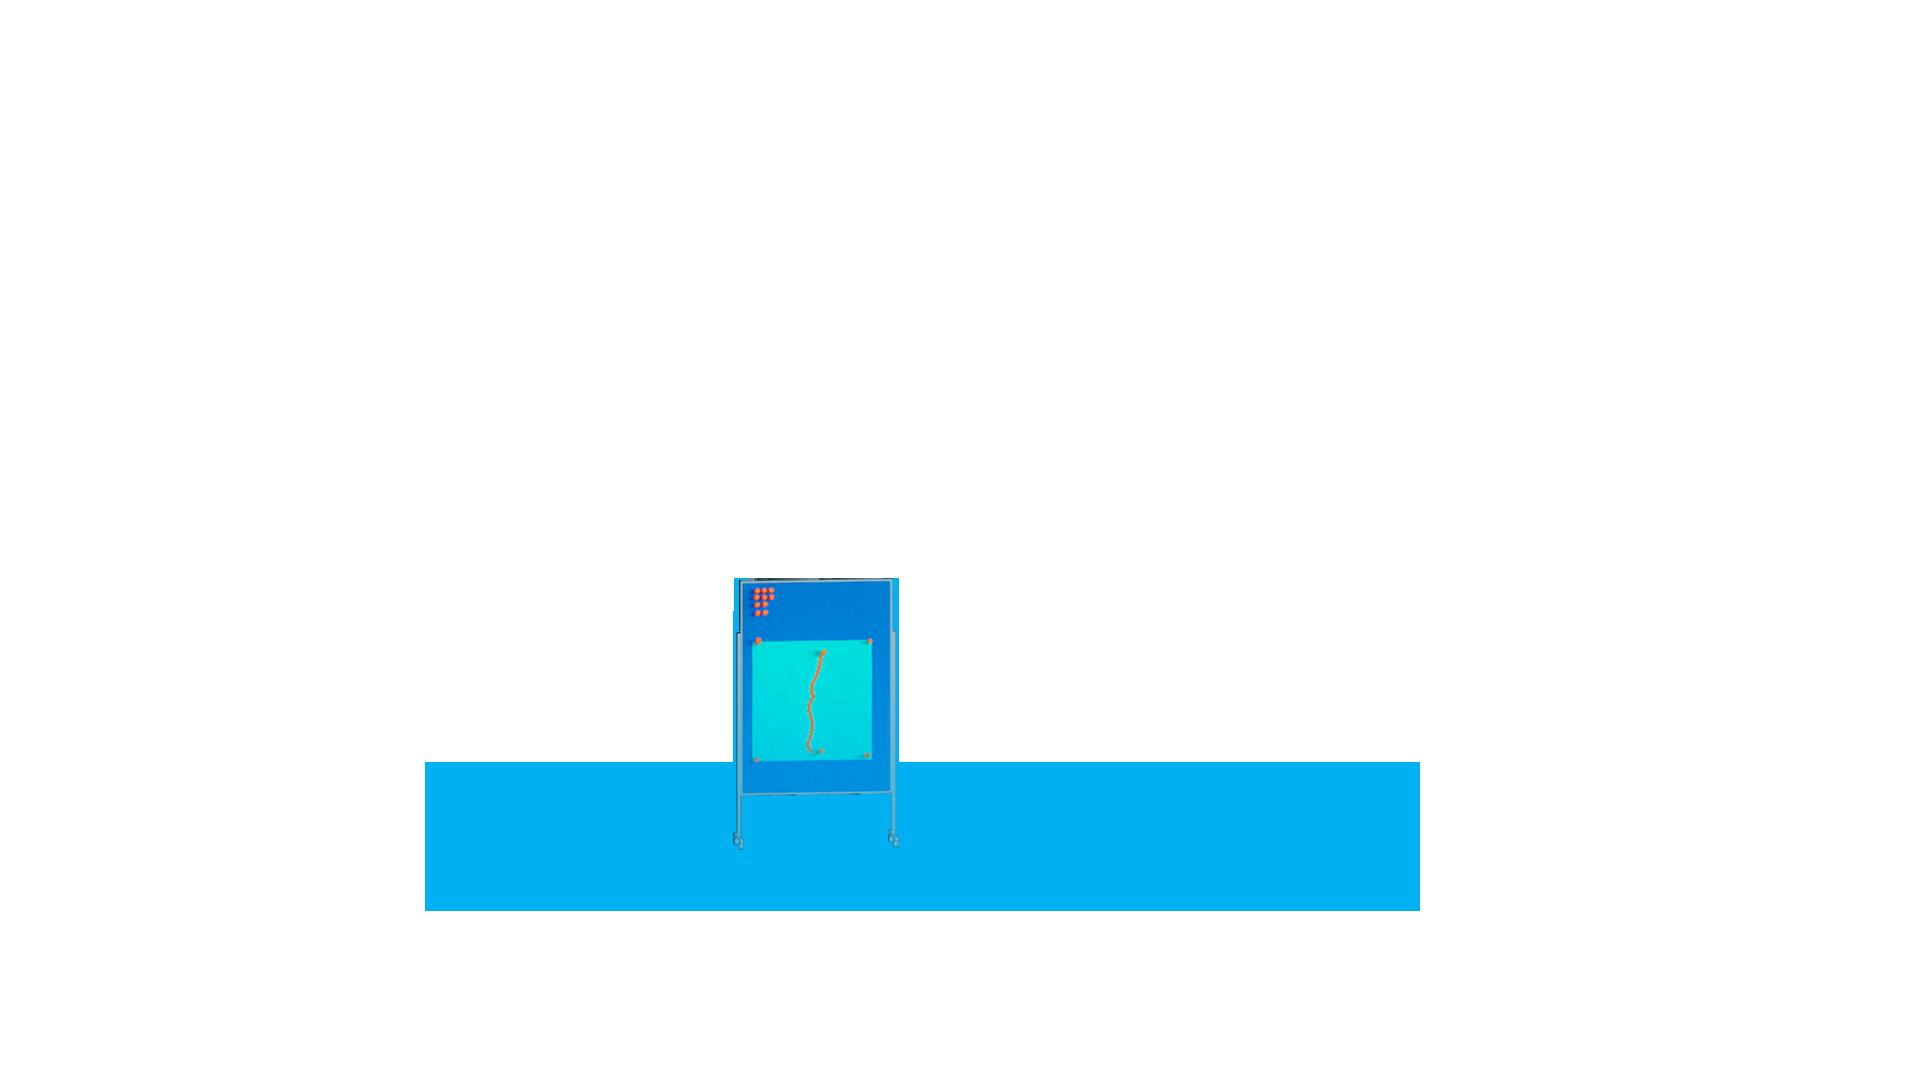 Stele Pinnwand mit Leitungsverlauf